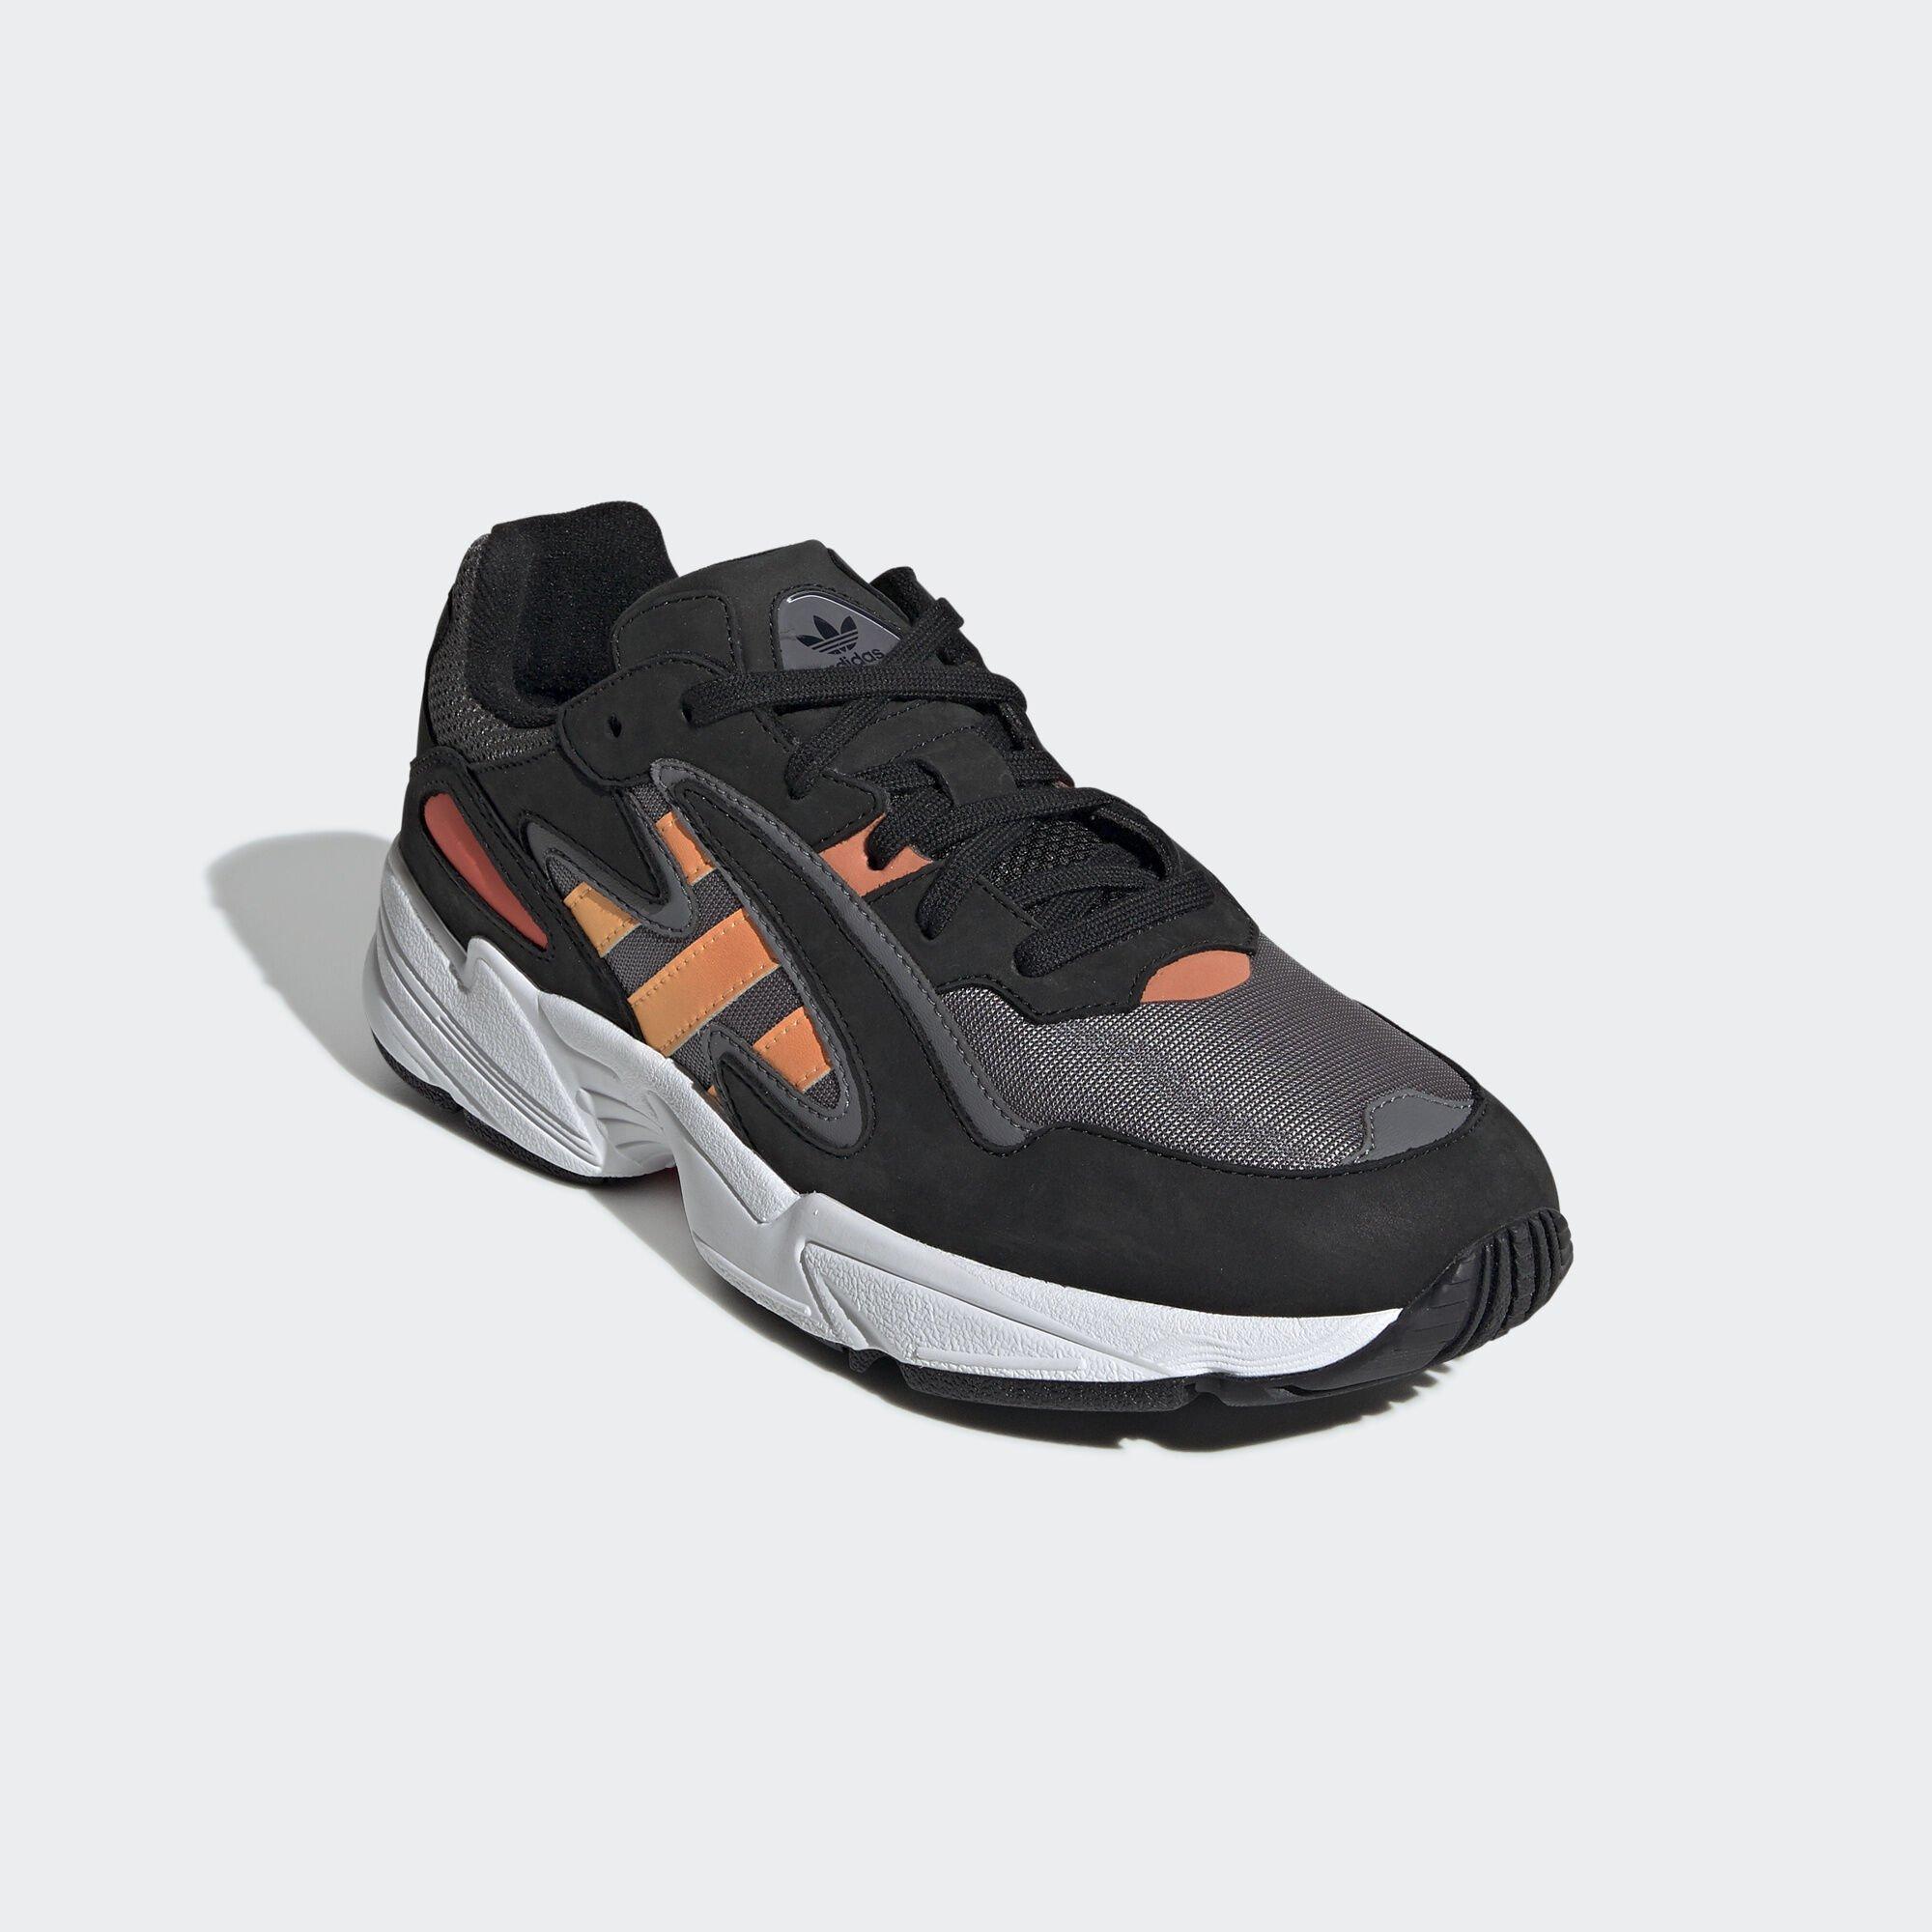 Adidas Yung 96 EE7227